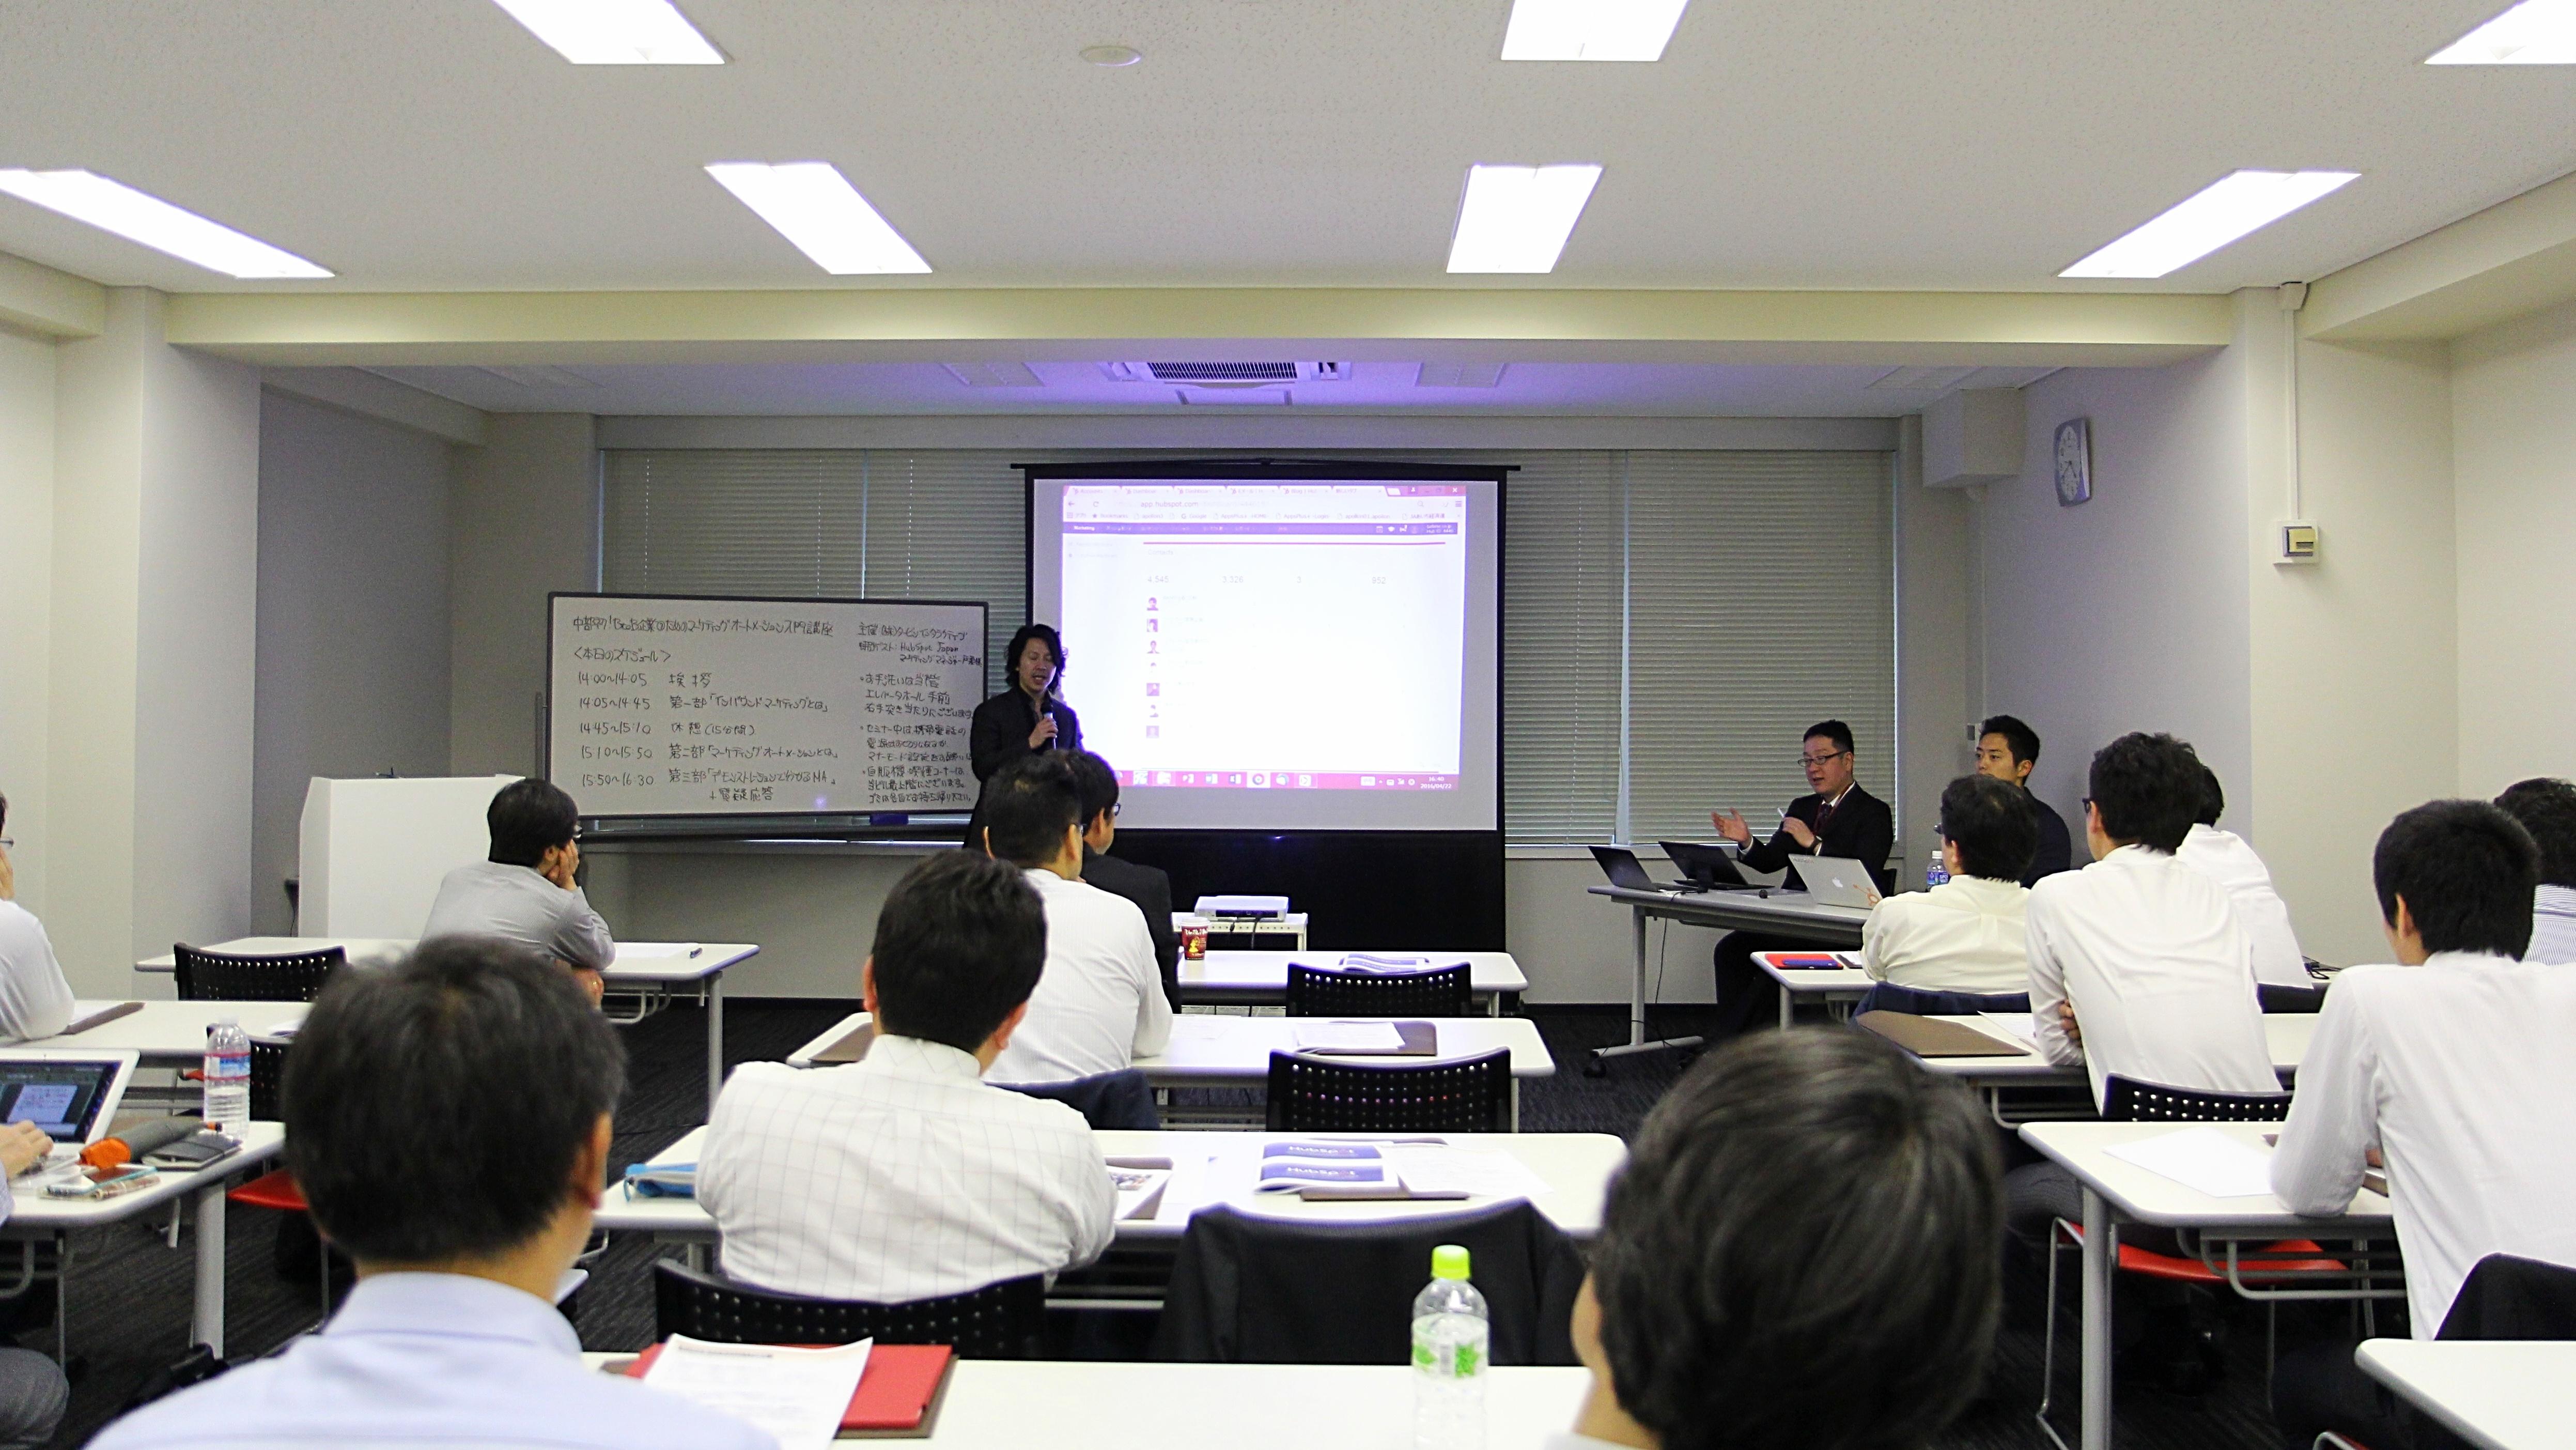 HubSpotジャパン・マーケティングマネージャーを迎えて、「マーケティングオートメーション入門講座」を開催しました。